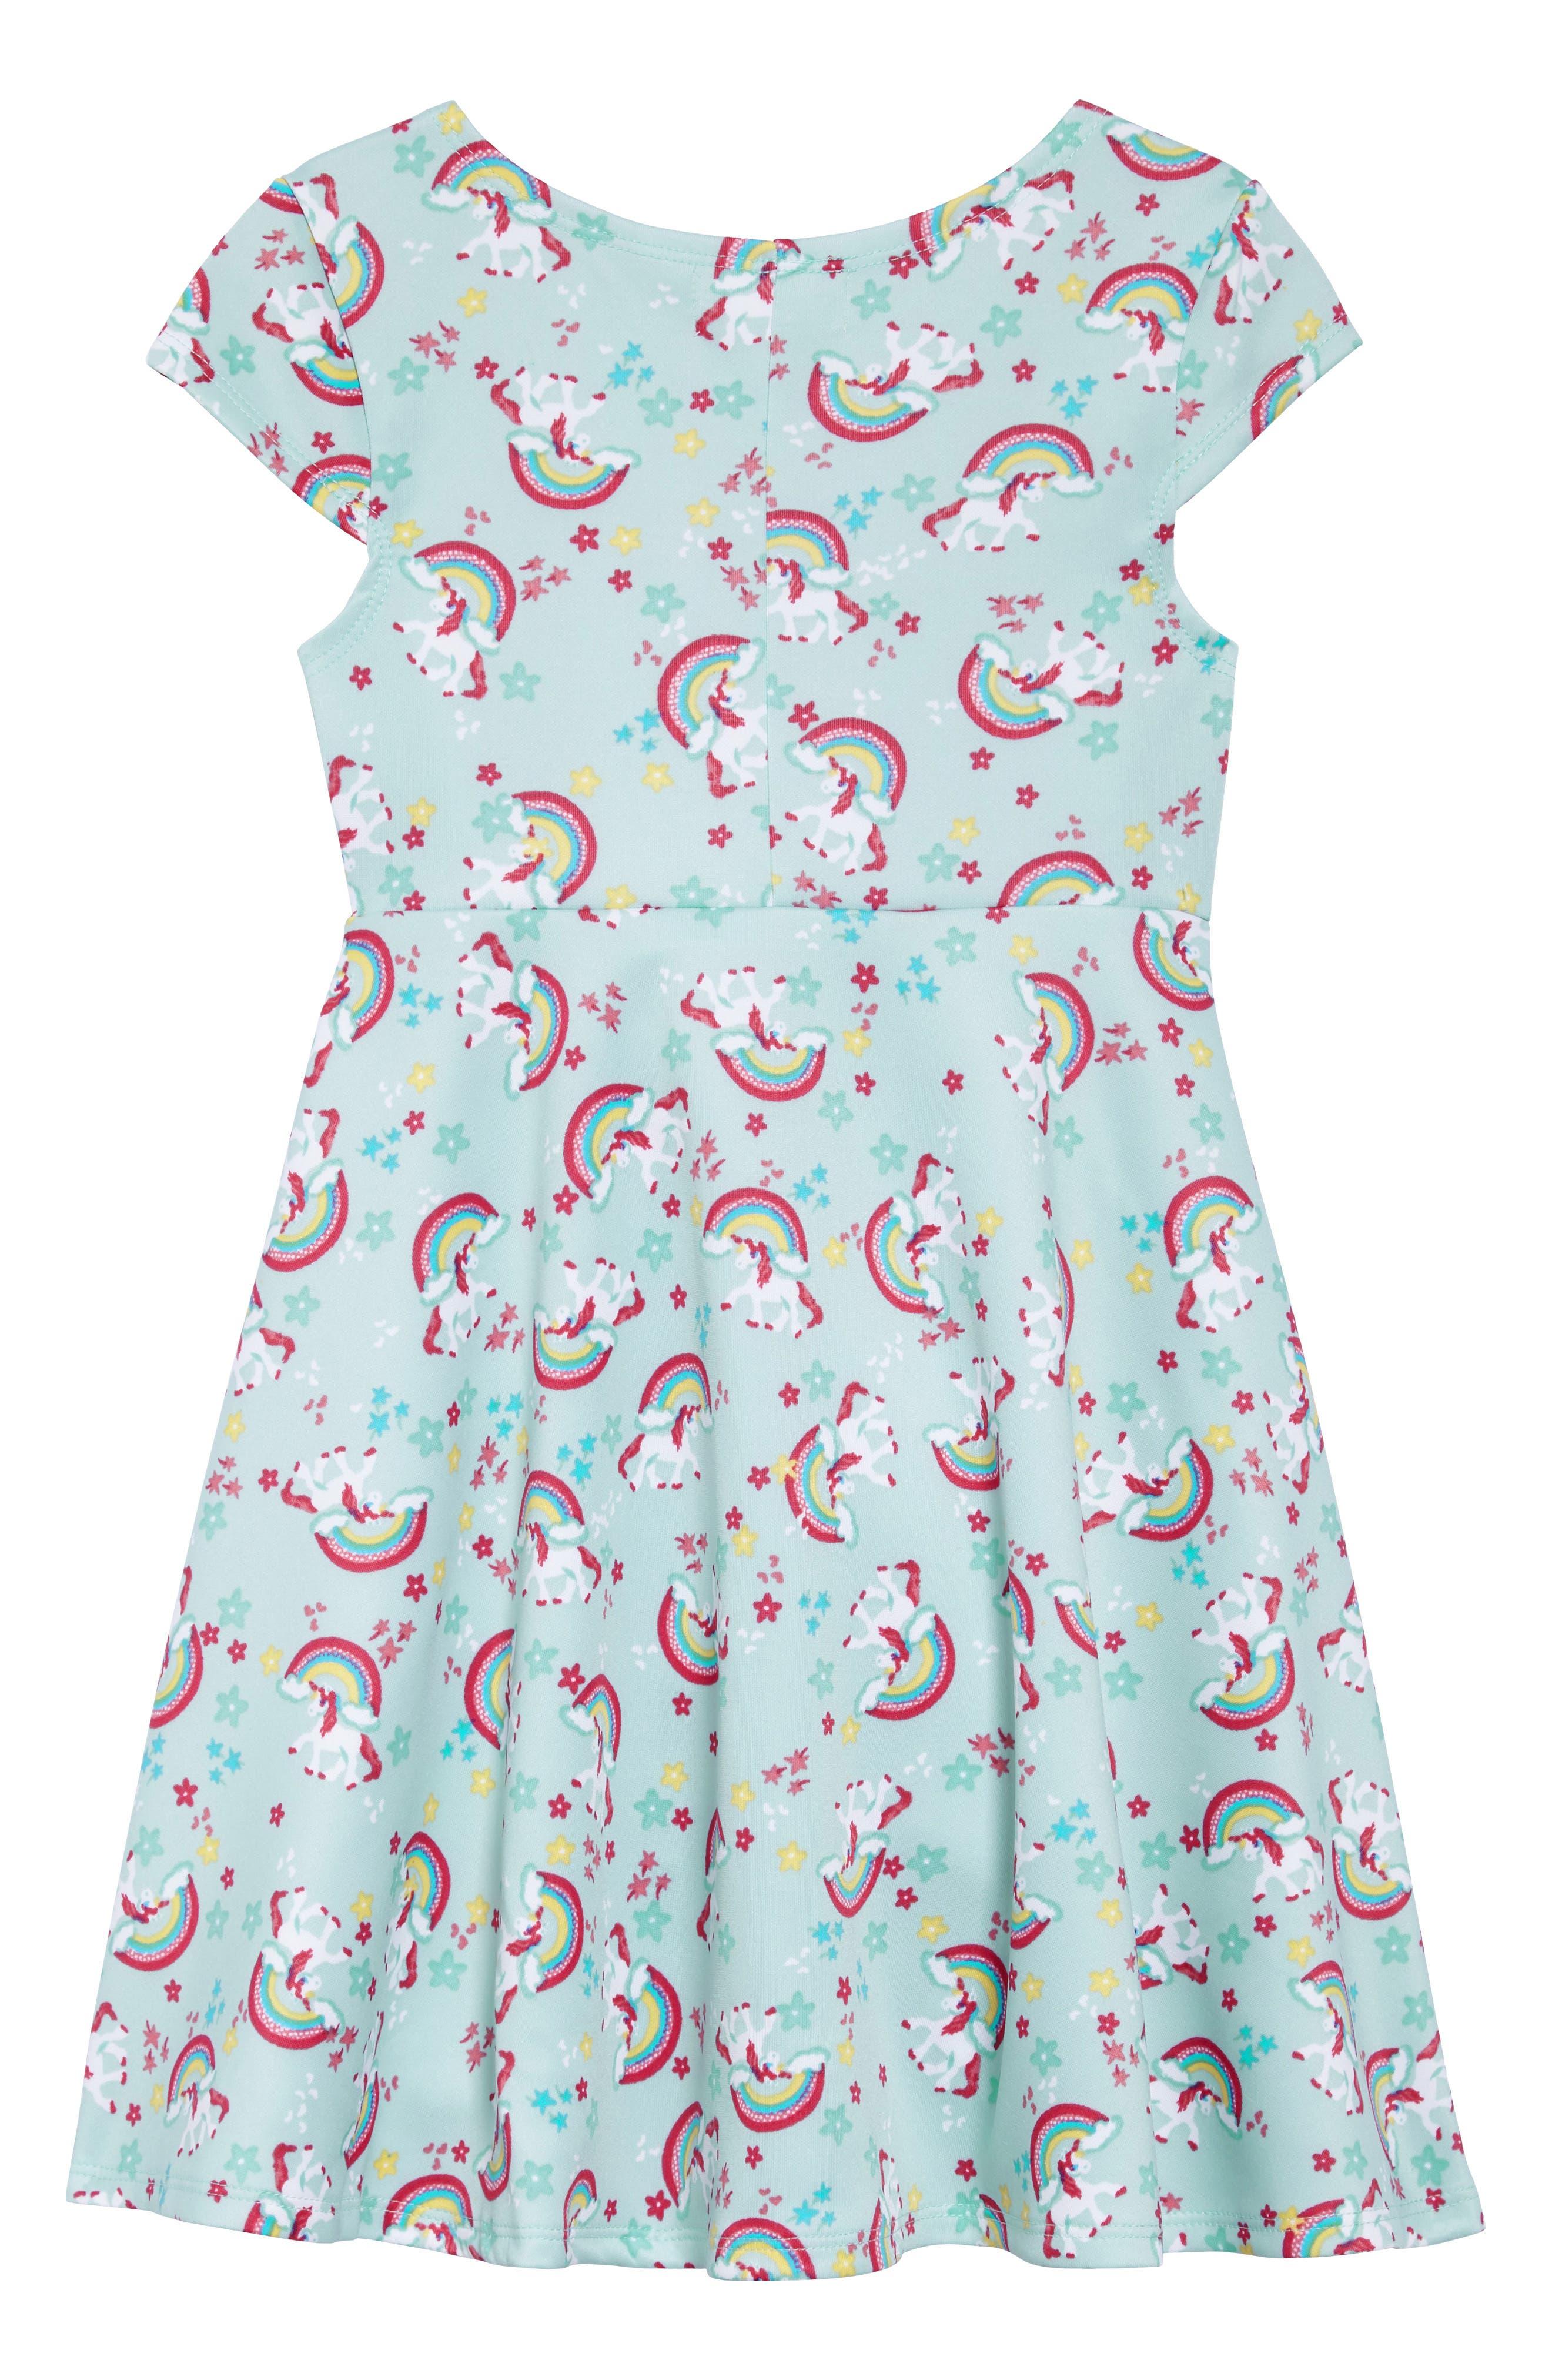 Unicorn Print Dress,                             Alternate thumbnail 2, color,                             363